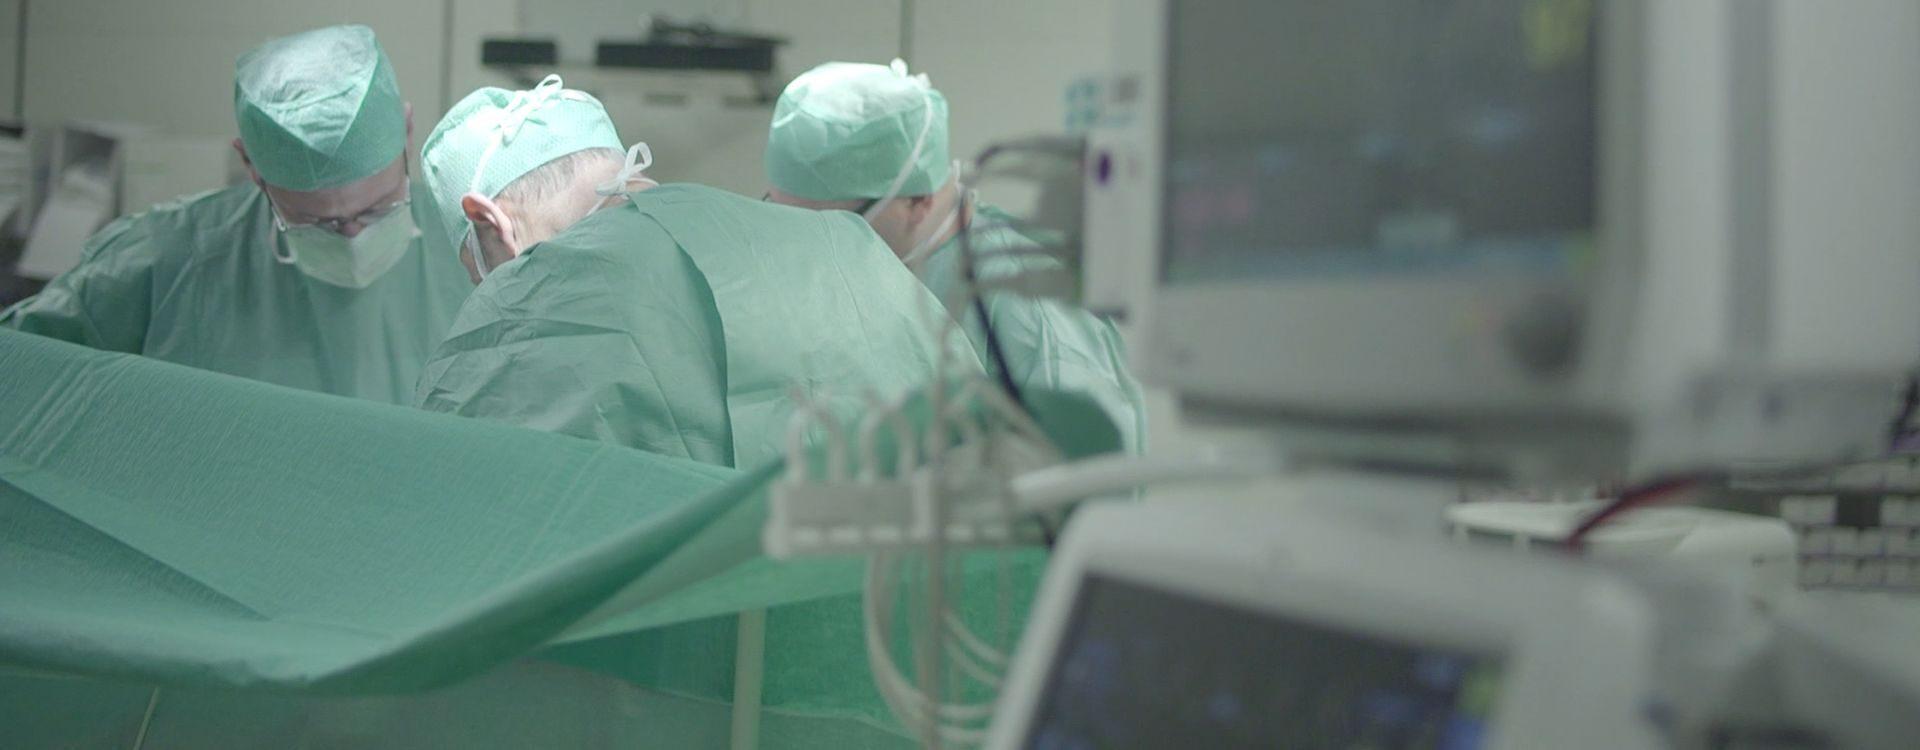 Kompetenzzentrum für plastisch-ästhetische Chirurgie